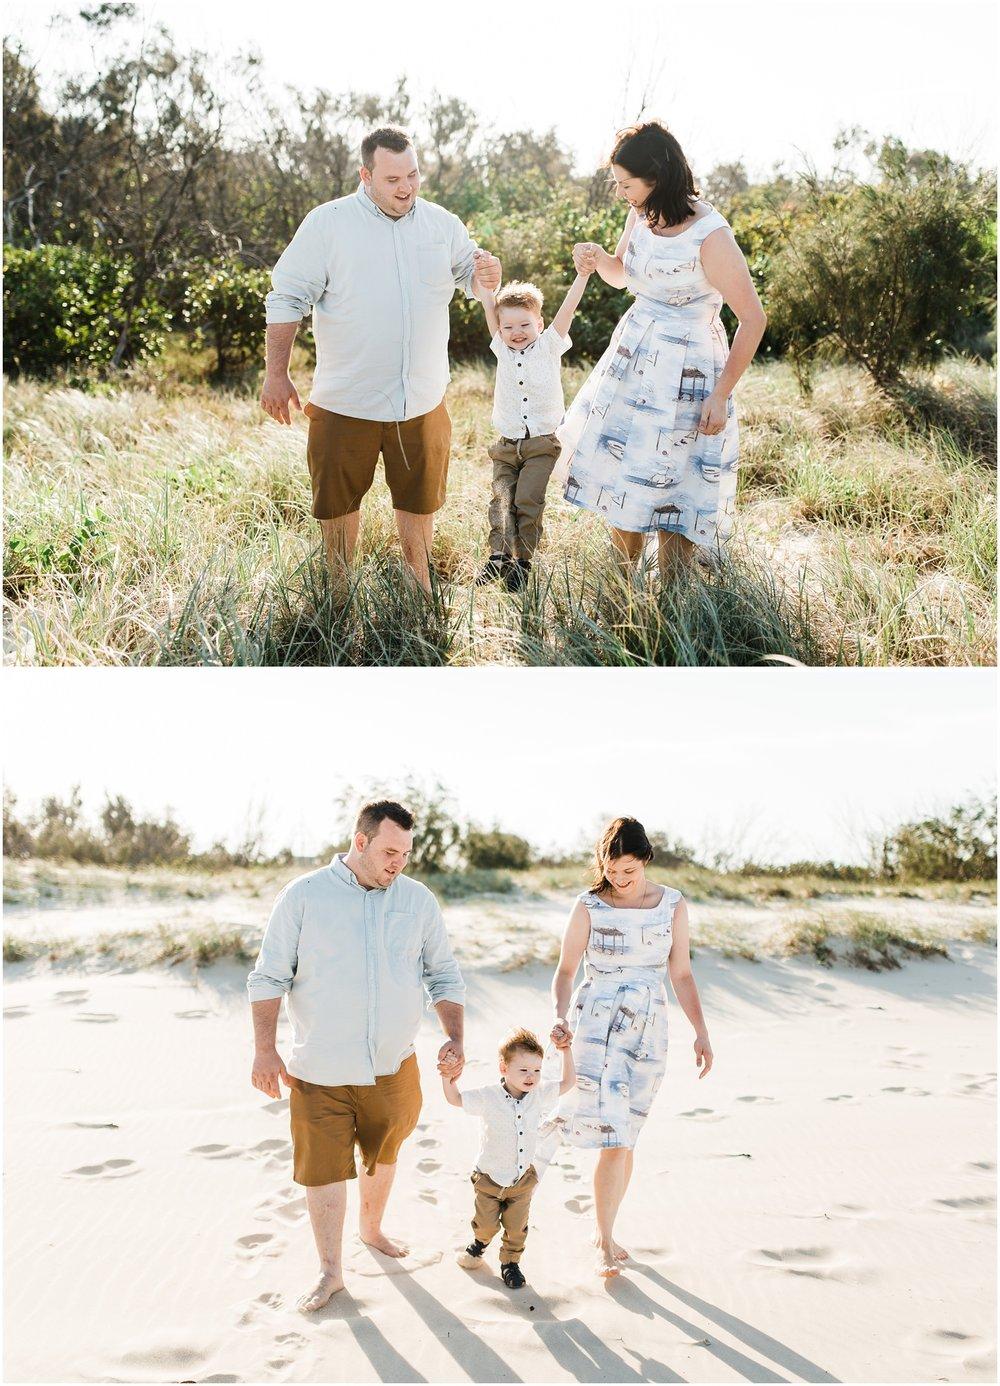 gold-coast-beach-family-photography25.jpg